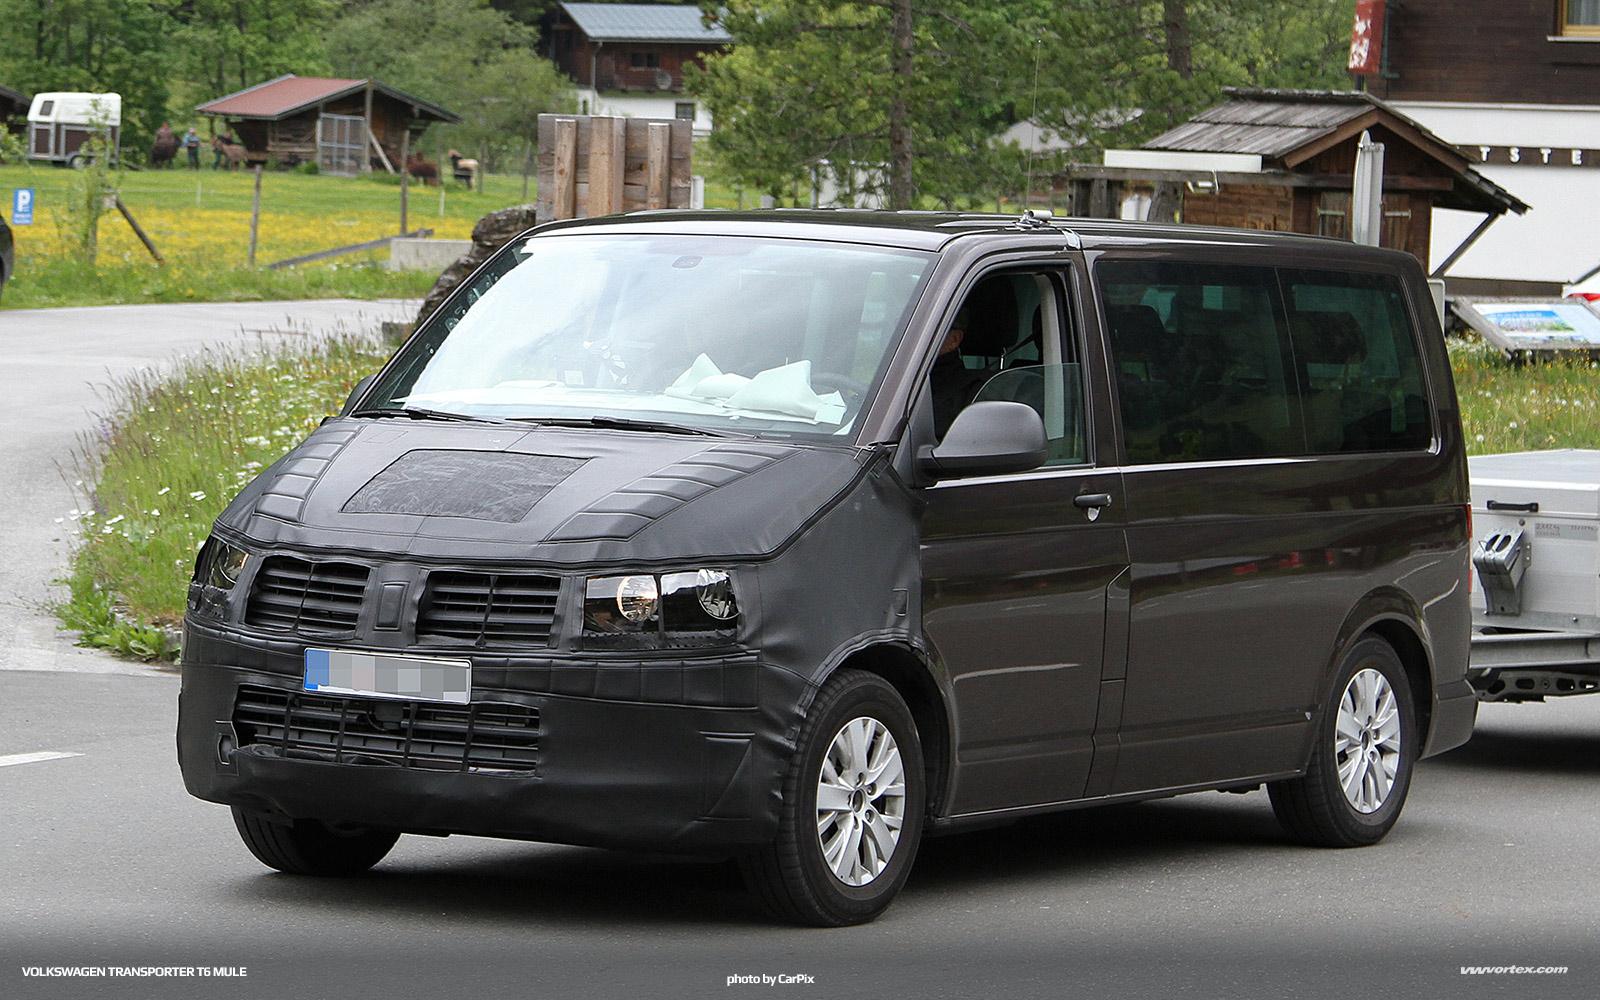 Volkswagen-Transporter-T6-mule-366